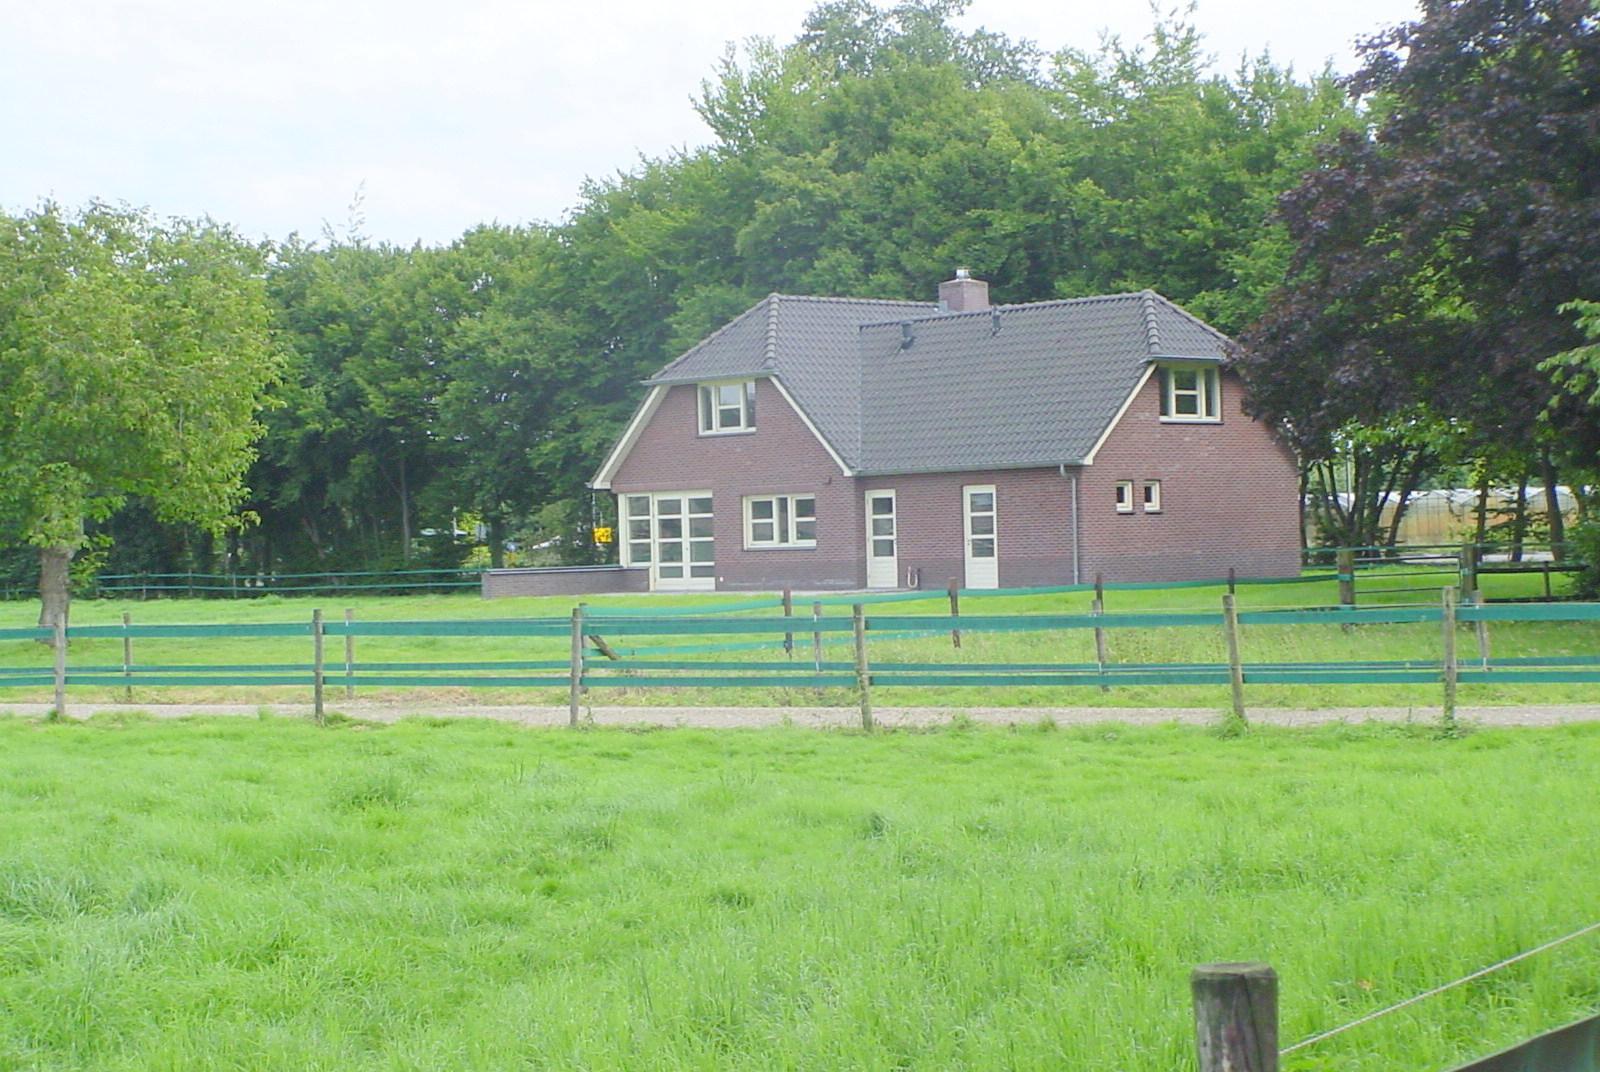 Agrarisch te koop weselseweg 65 5916 rd venlo for Agrarisch bedrijf te koop gelderland